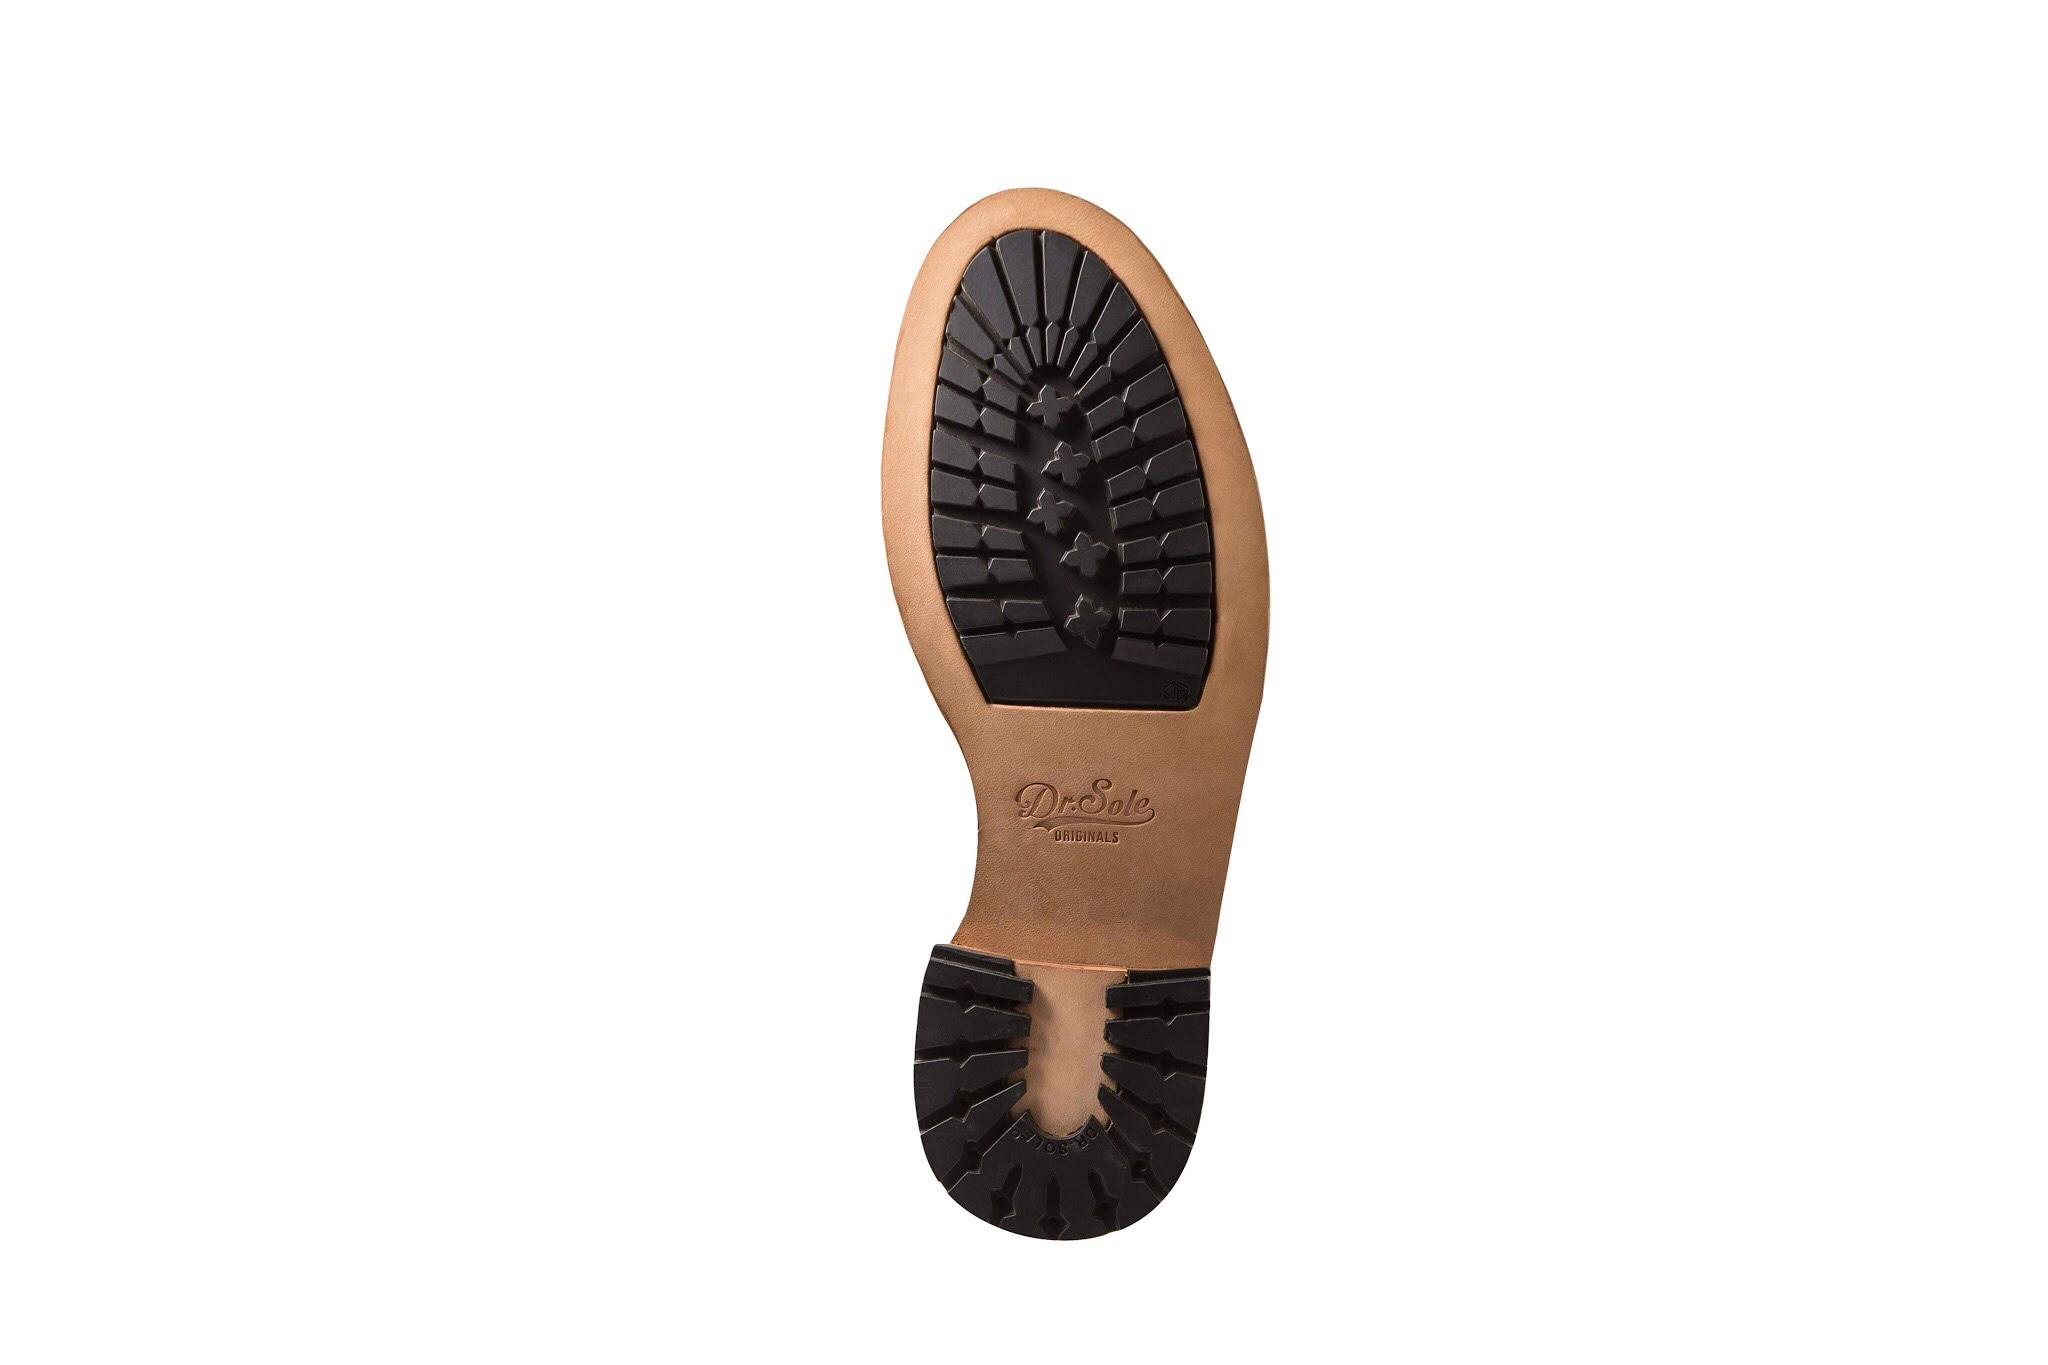 戶外機能底  植鞣革內嵌橡膠,兼顧皮底的質感,同時又有超高抓地力的橡膠顆粒,功能與外觀兼備,適合短靴或戶外風格的皮鞋。  Outdoor functional sole  This sole has both function and appearance. Suitable for boots or outdoor style shoes.